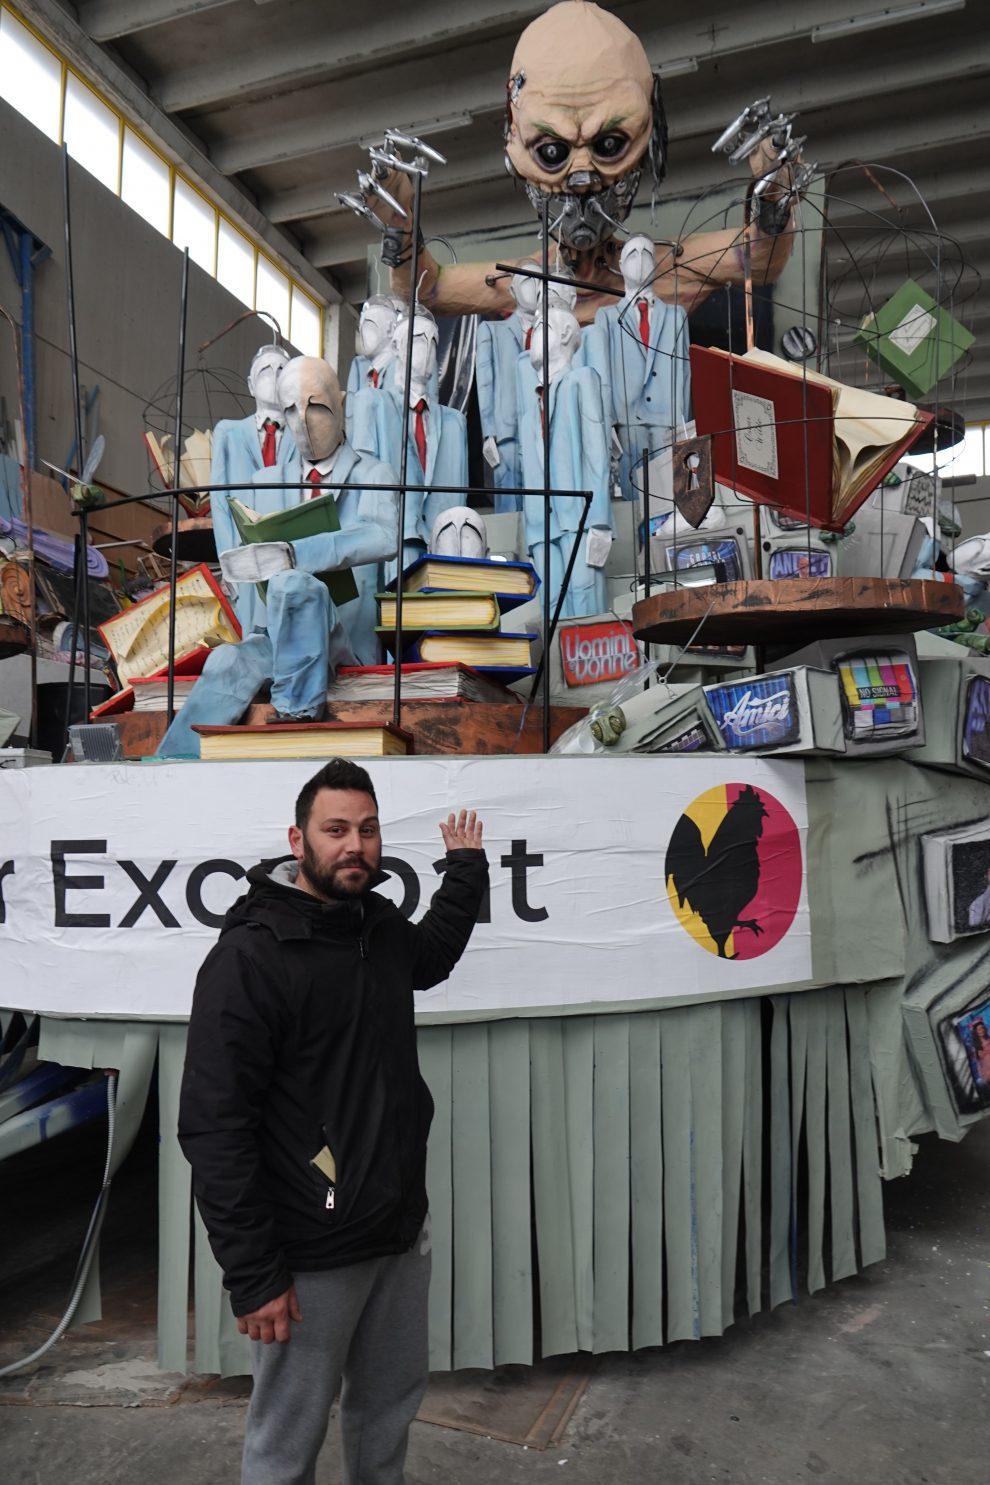 Uno dei complessi carri del Carnevale insieme al suo autore, Stefano Coppola.